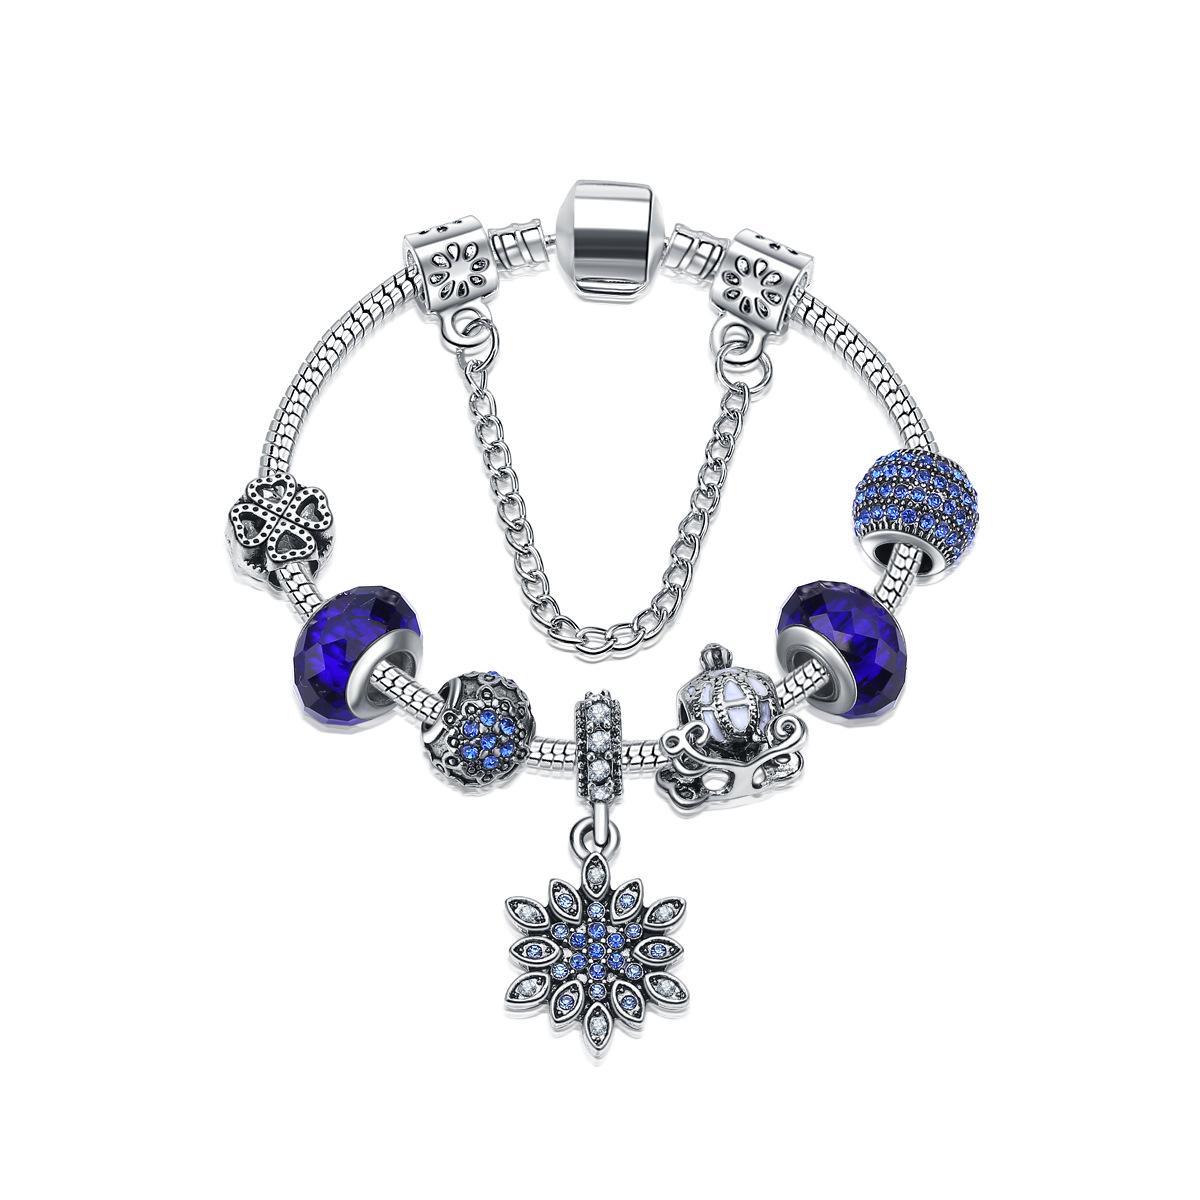 魔法潘多拉天使手链女手镯蓝色海洋之心林心如同款散珠串珠子防真图片